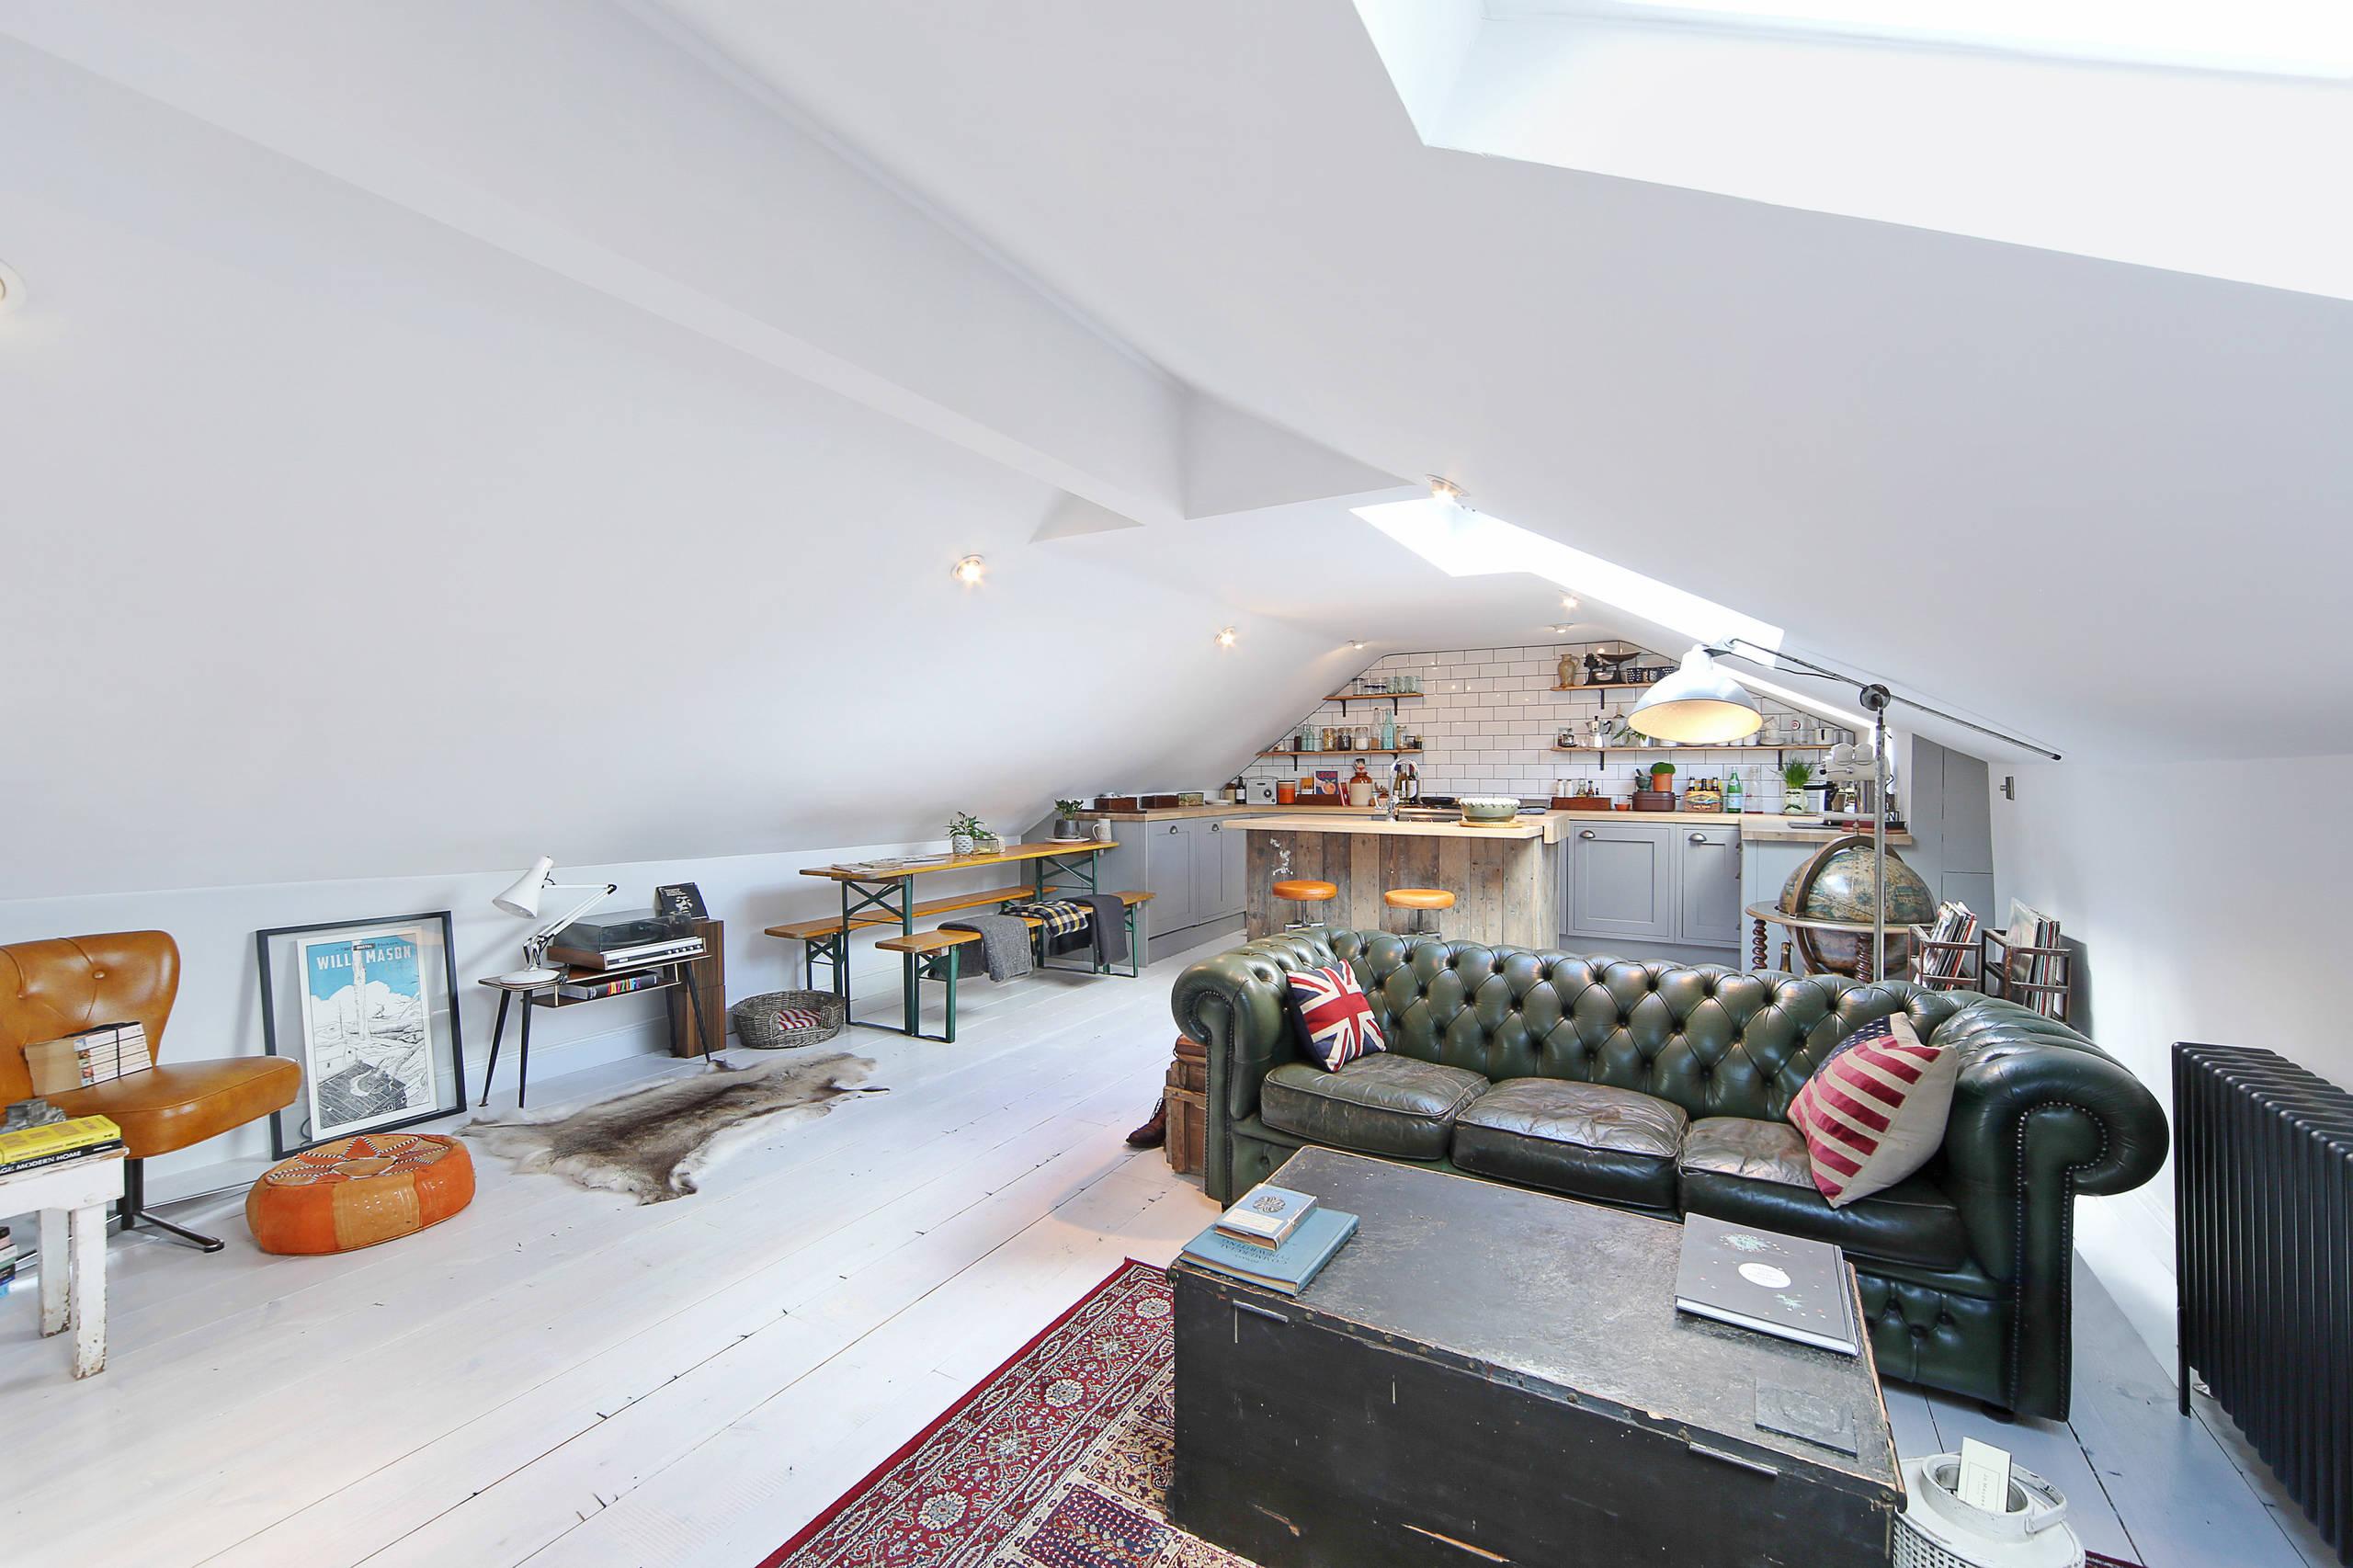 Квартира-чердак с угловатым геометрически-сложным потолком, простой и функциональной мебелью с эффектом состаривания, кожаным диваном в центре комнаты и разными конструкциями освещения